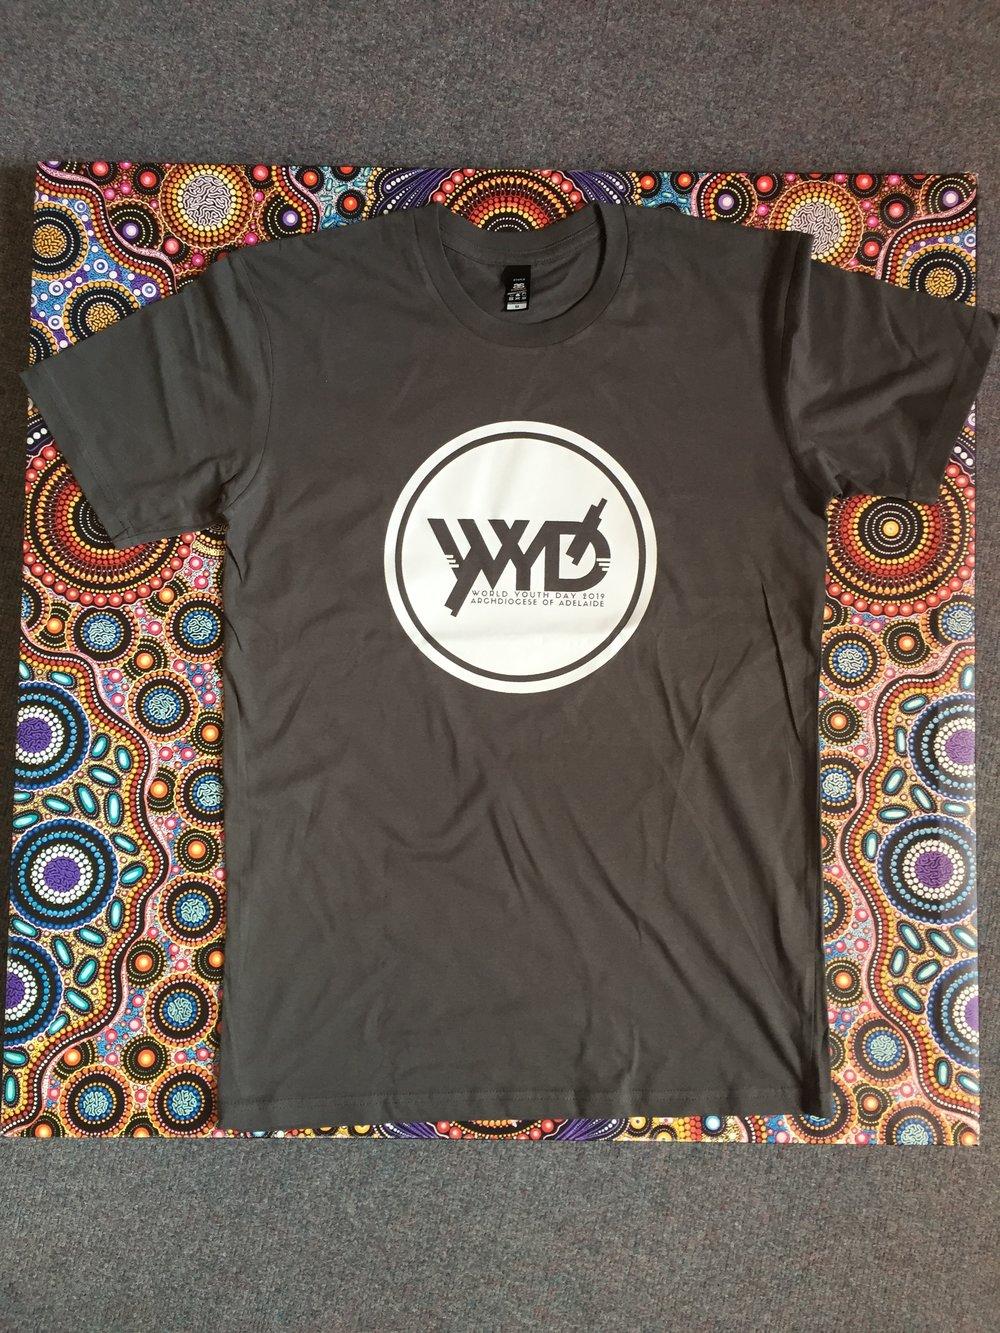 WYD Tshirt.JPG